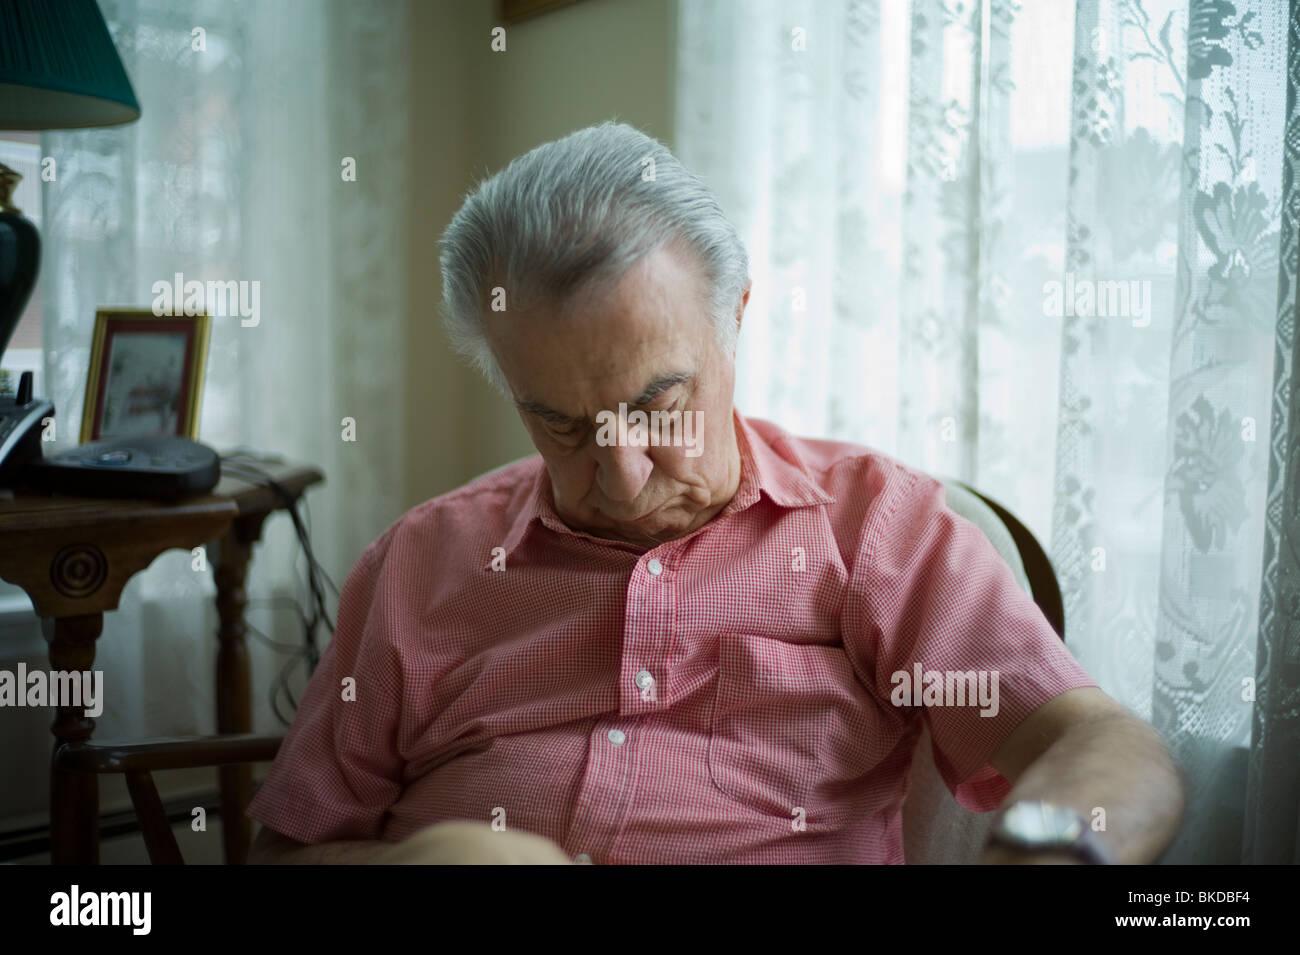 Old Man Sleeping Chair Stock Photos & Old Man Sleeping